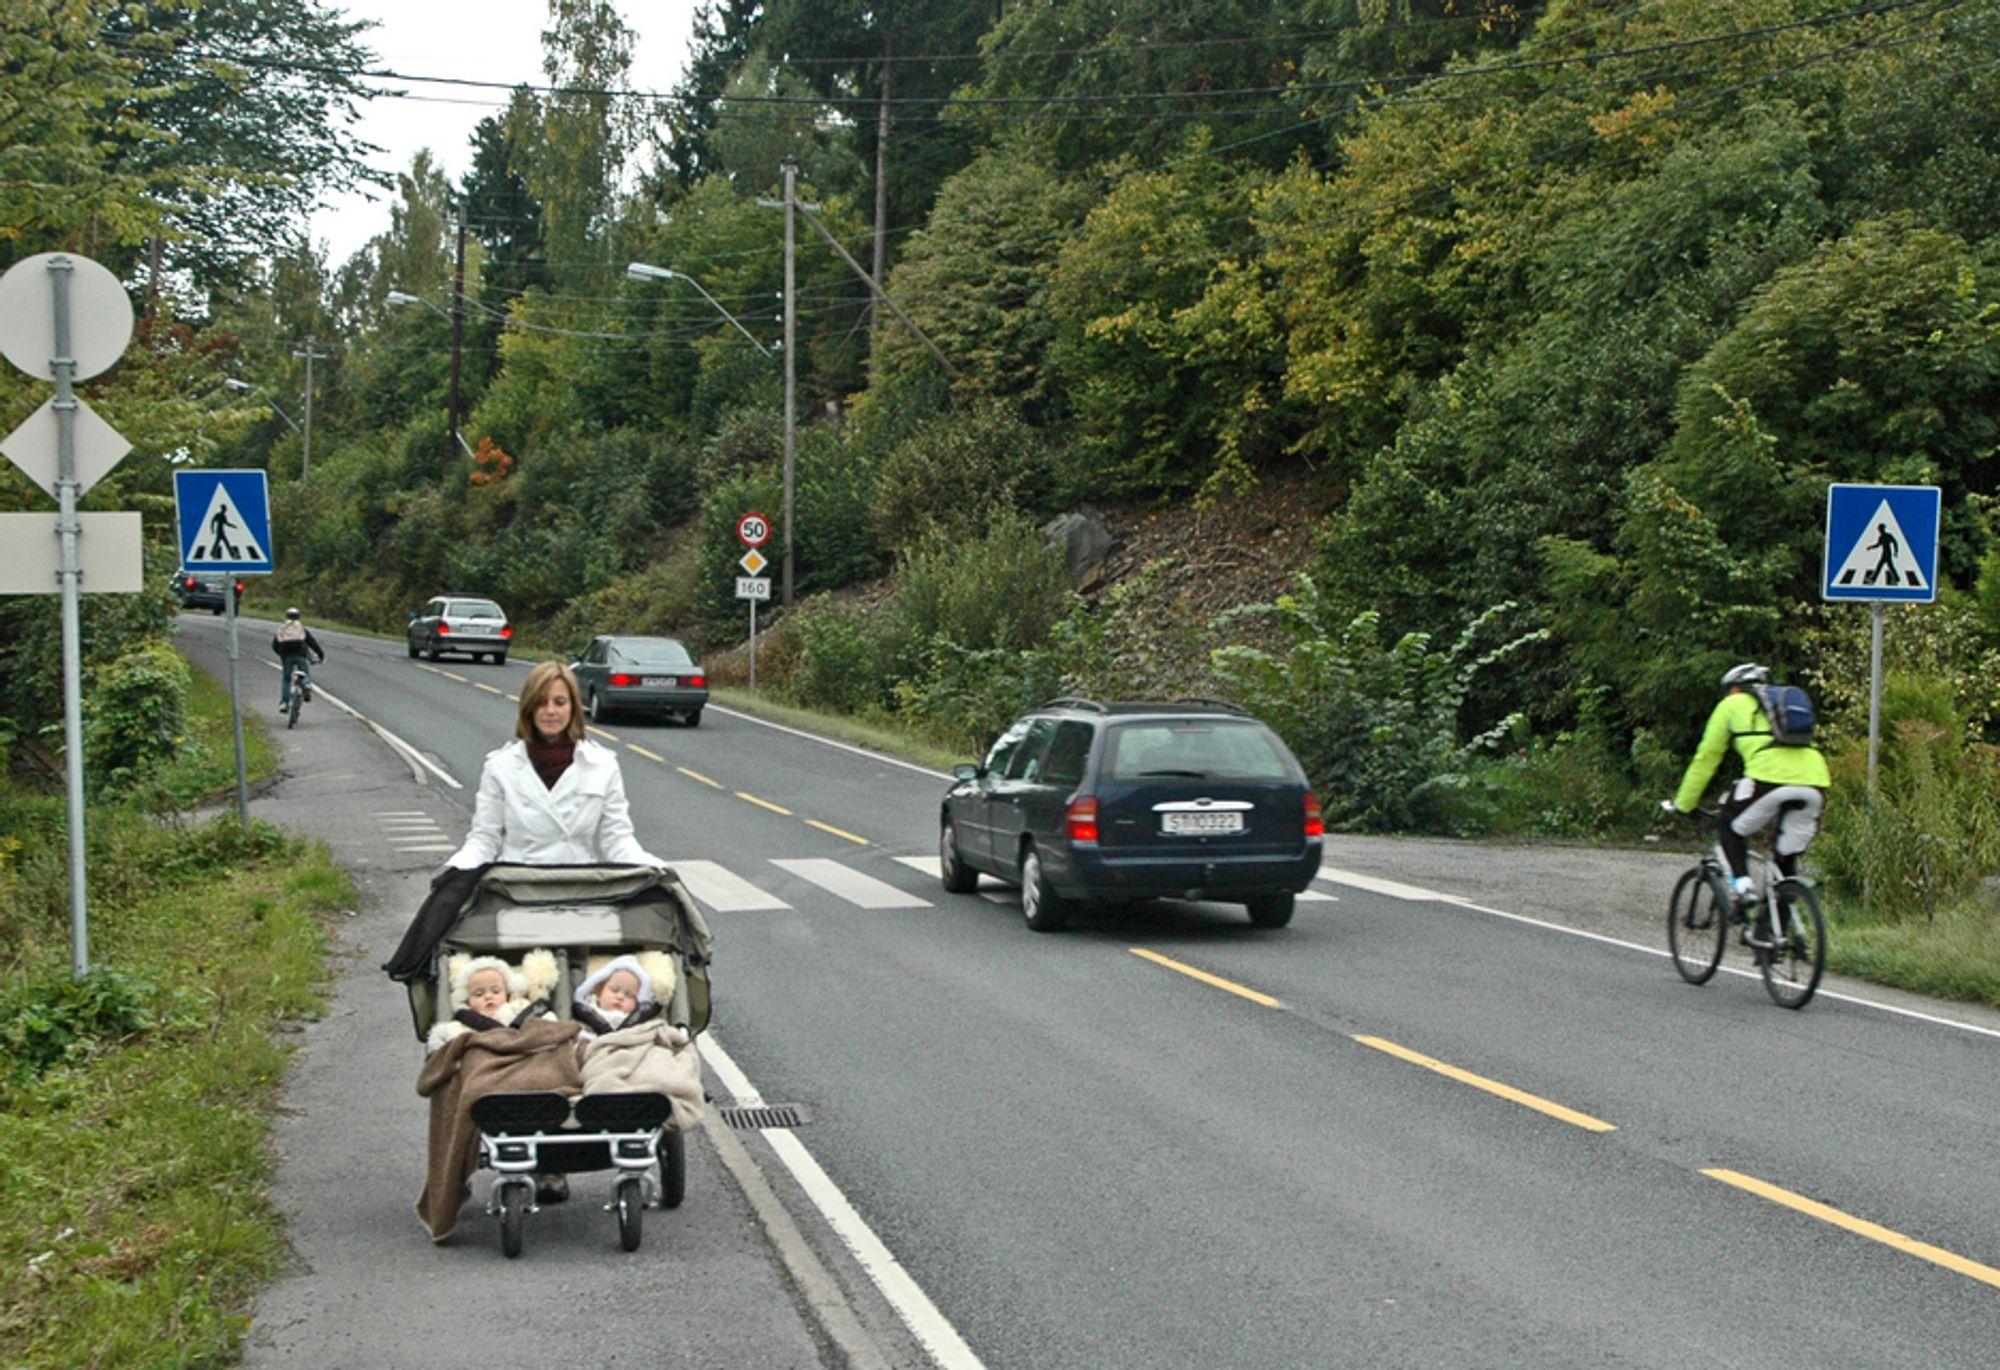 Dagens fortau langs riksveg 160 holder ikke til stort mer enn en bred barnevogn. Det er alt for dårlig på denne sterkt trafikkerte vegen. (Foto: Anders Haakonsen)